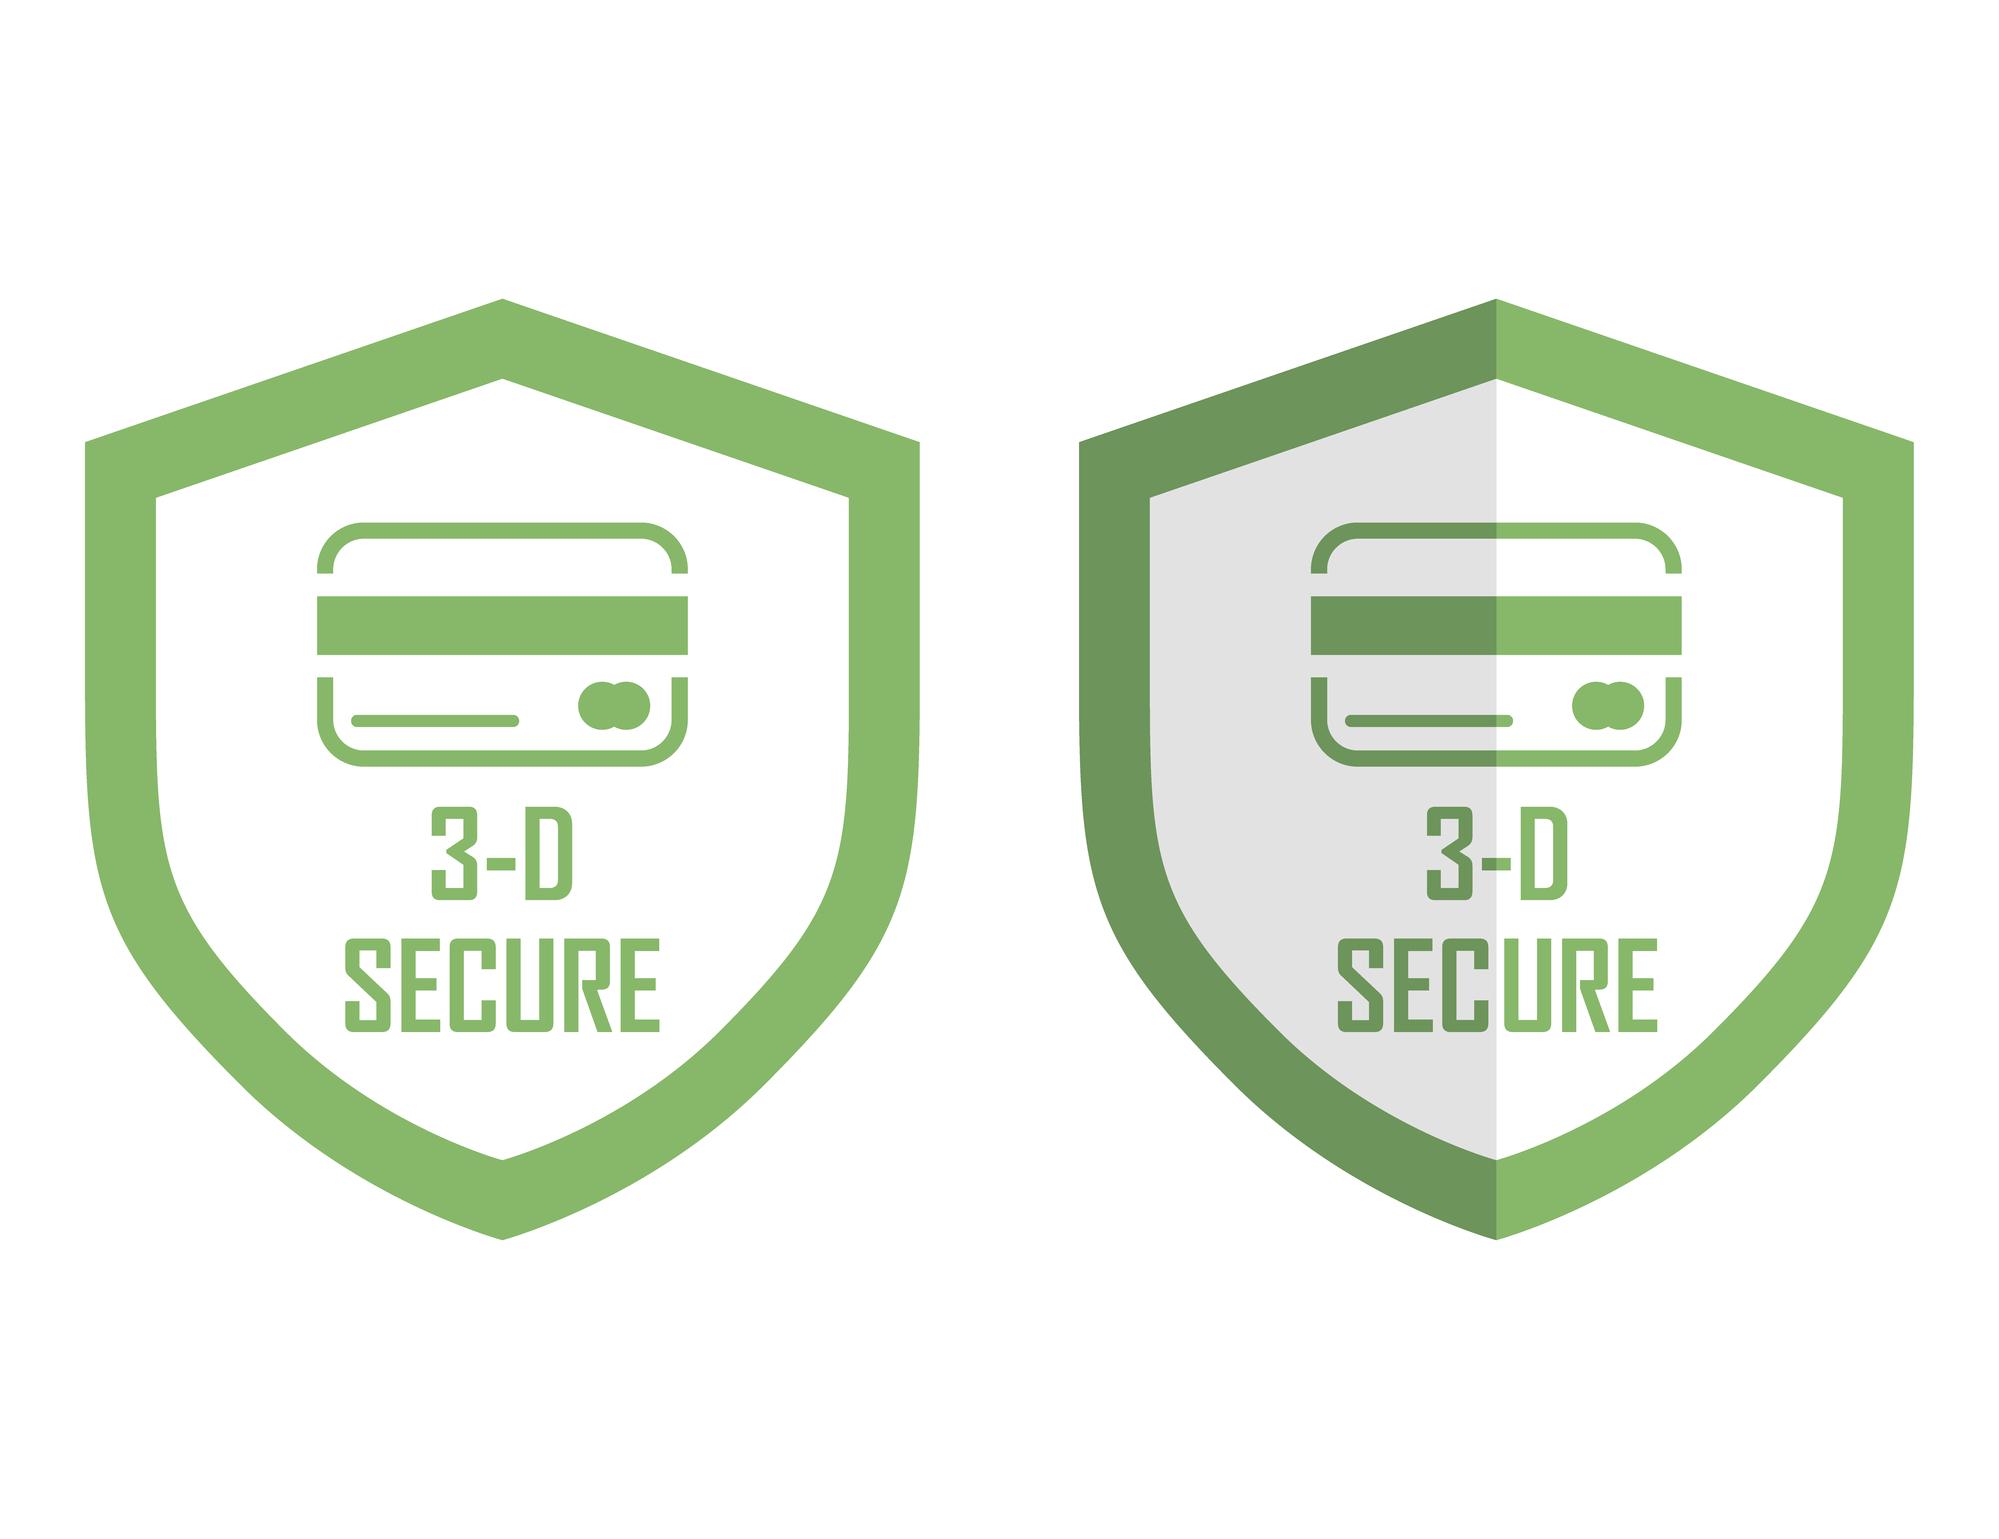 3-D Secure 2